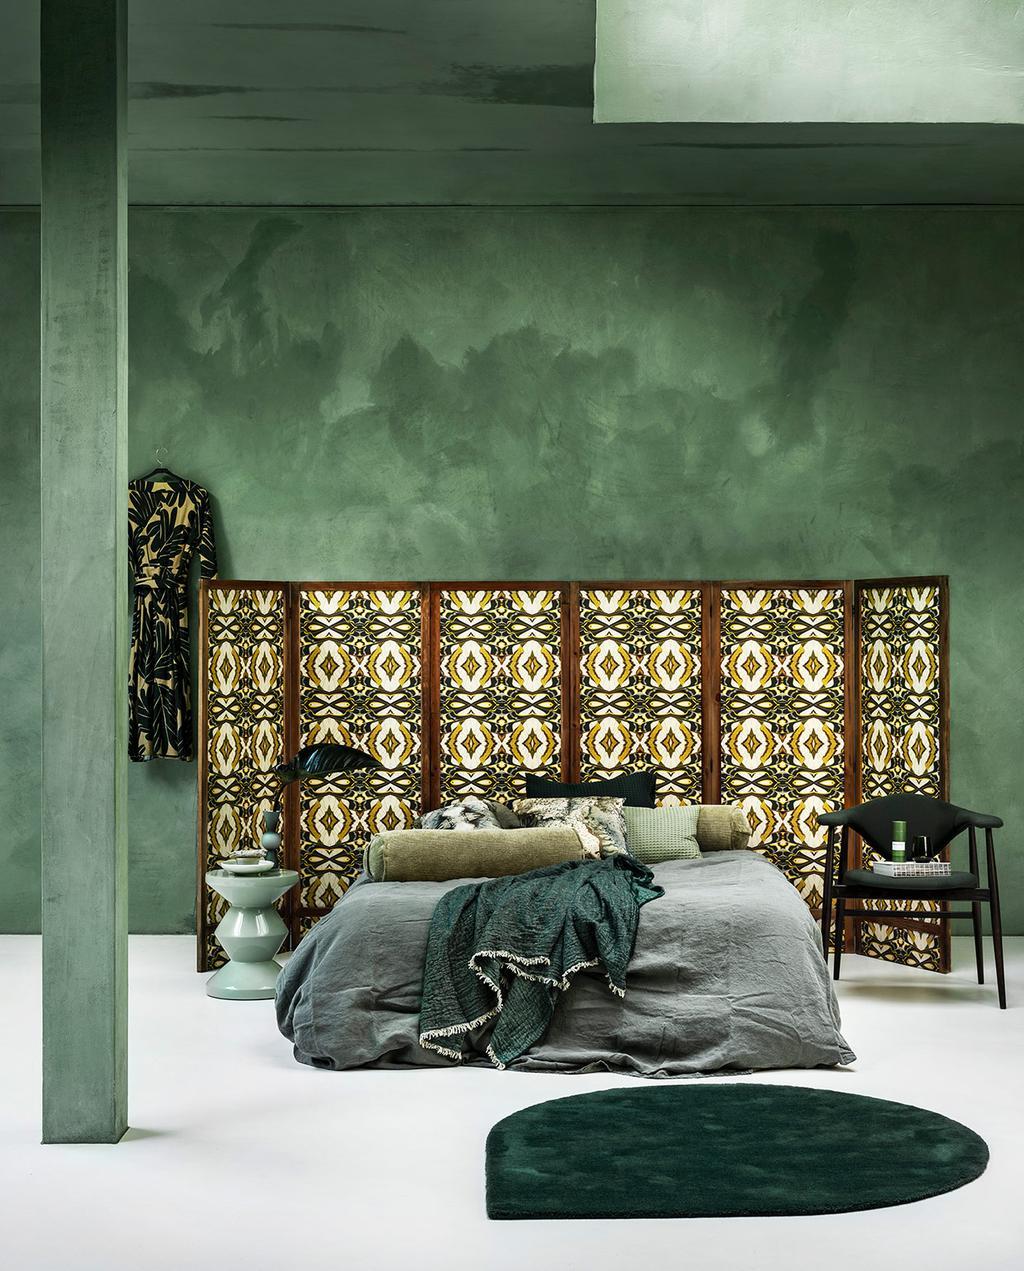 vtwonen 01-2021 | groene slaapkamer, panelen met behang, opgemaakt bed